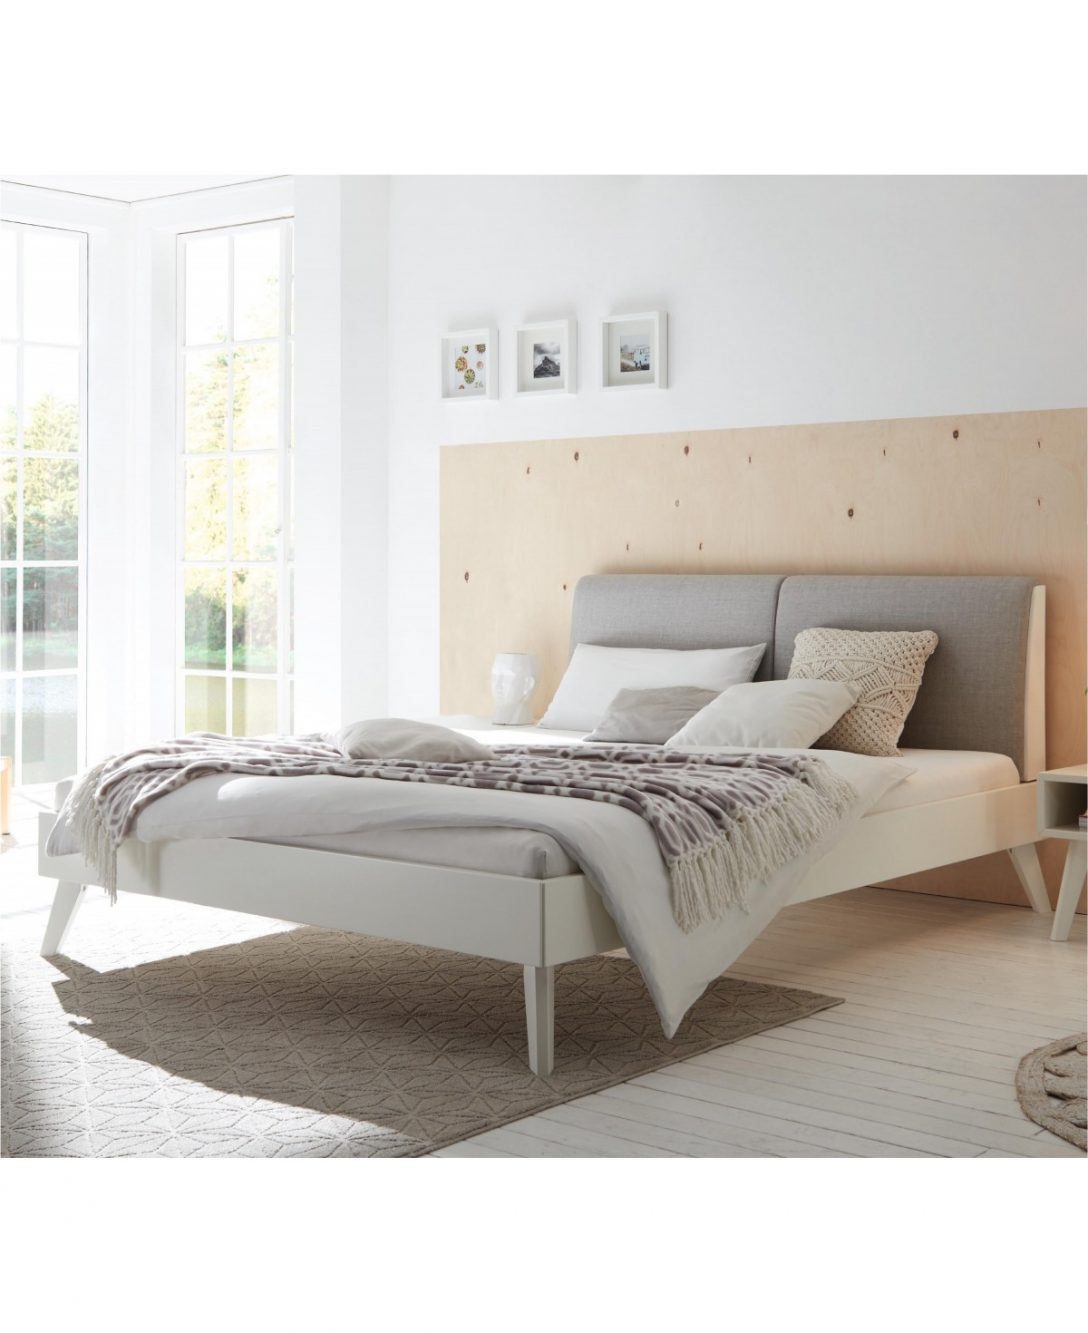 Large Size of Betten Ikea 160x200 Günstig Kaufen Holz Poco 140x200 Bonprix Köln Weiße Test Rauch Günstige Somnus Musterring Amerikanische Dänisches Bettenlager Bett Weiße Betten